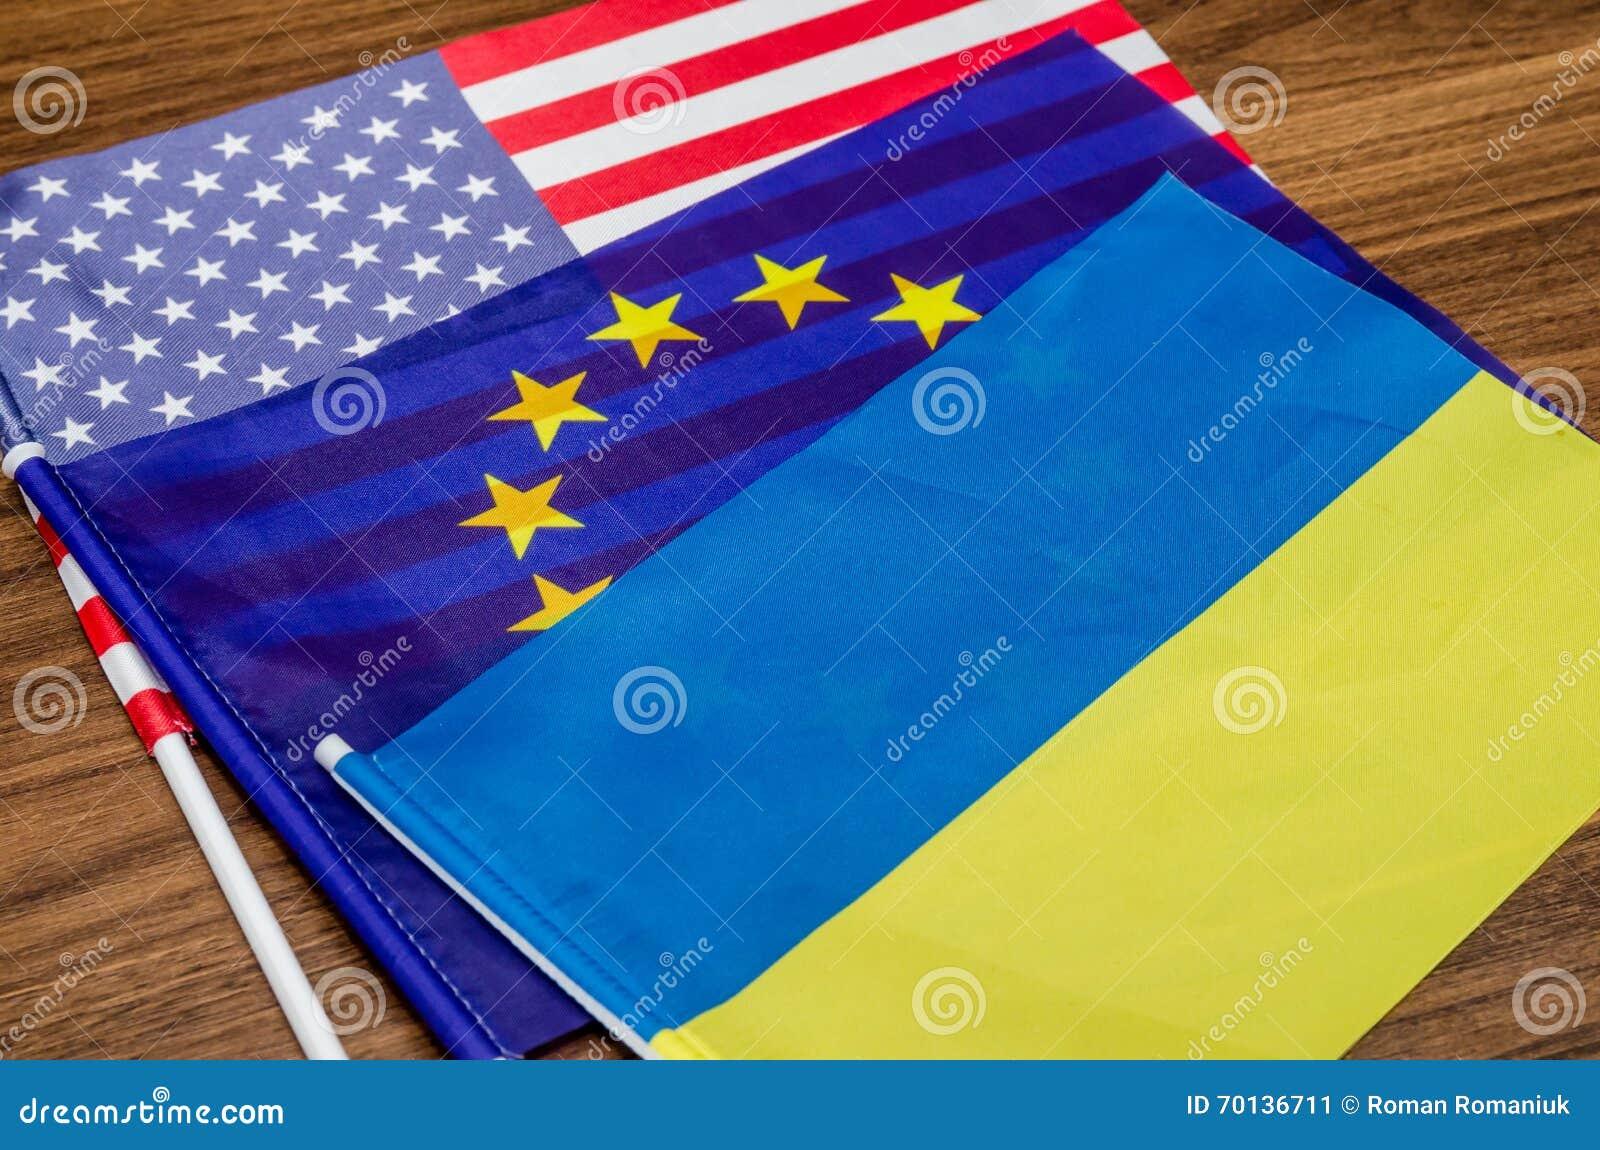 """""""Европа стала к вам ближе. Путешествуйте в Европейский Союз без виз"""", - глава представительства ЕС в Киеве Мингарелли - Цензор.НЕТ 7403"""